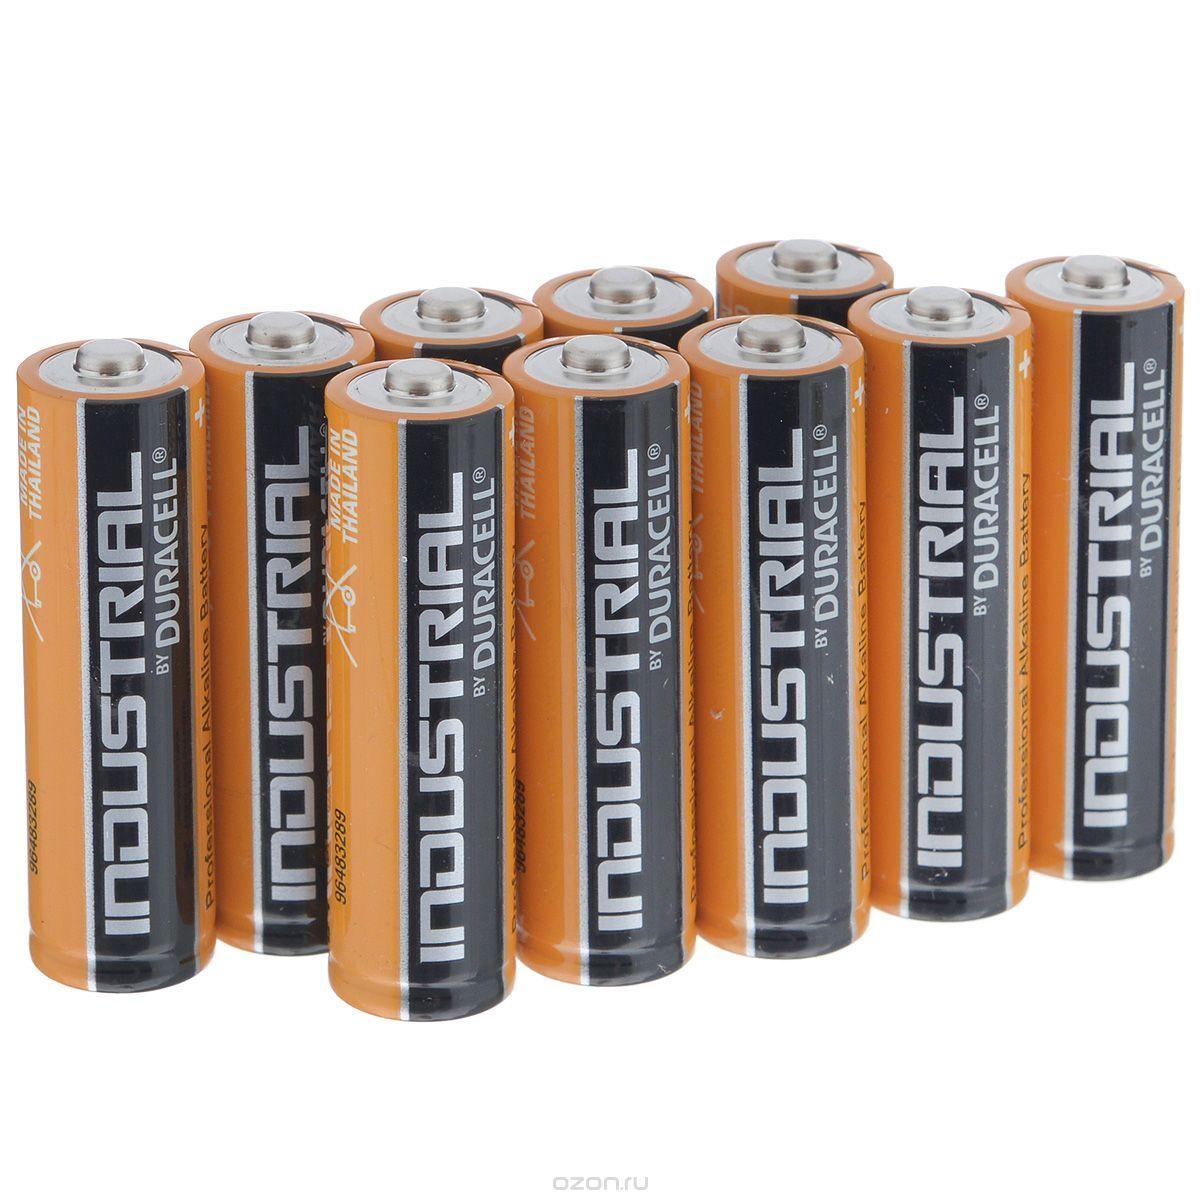 Алкалиновая батарейка Duracell Industrial 1.5V LR6, 10 шт.